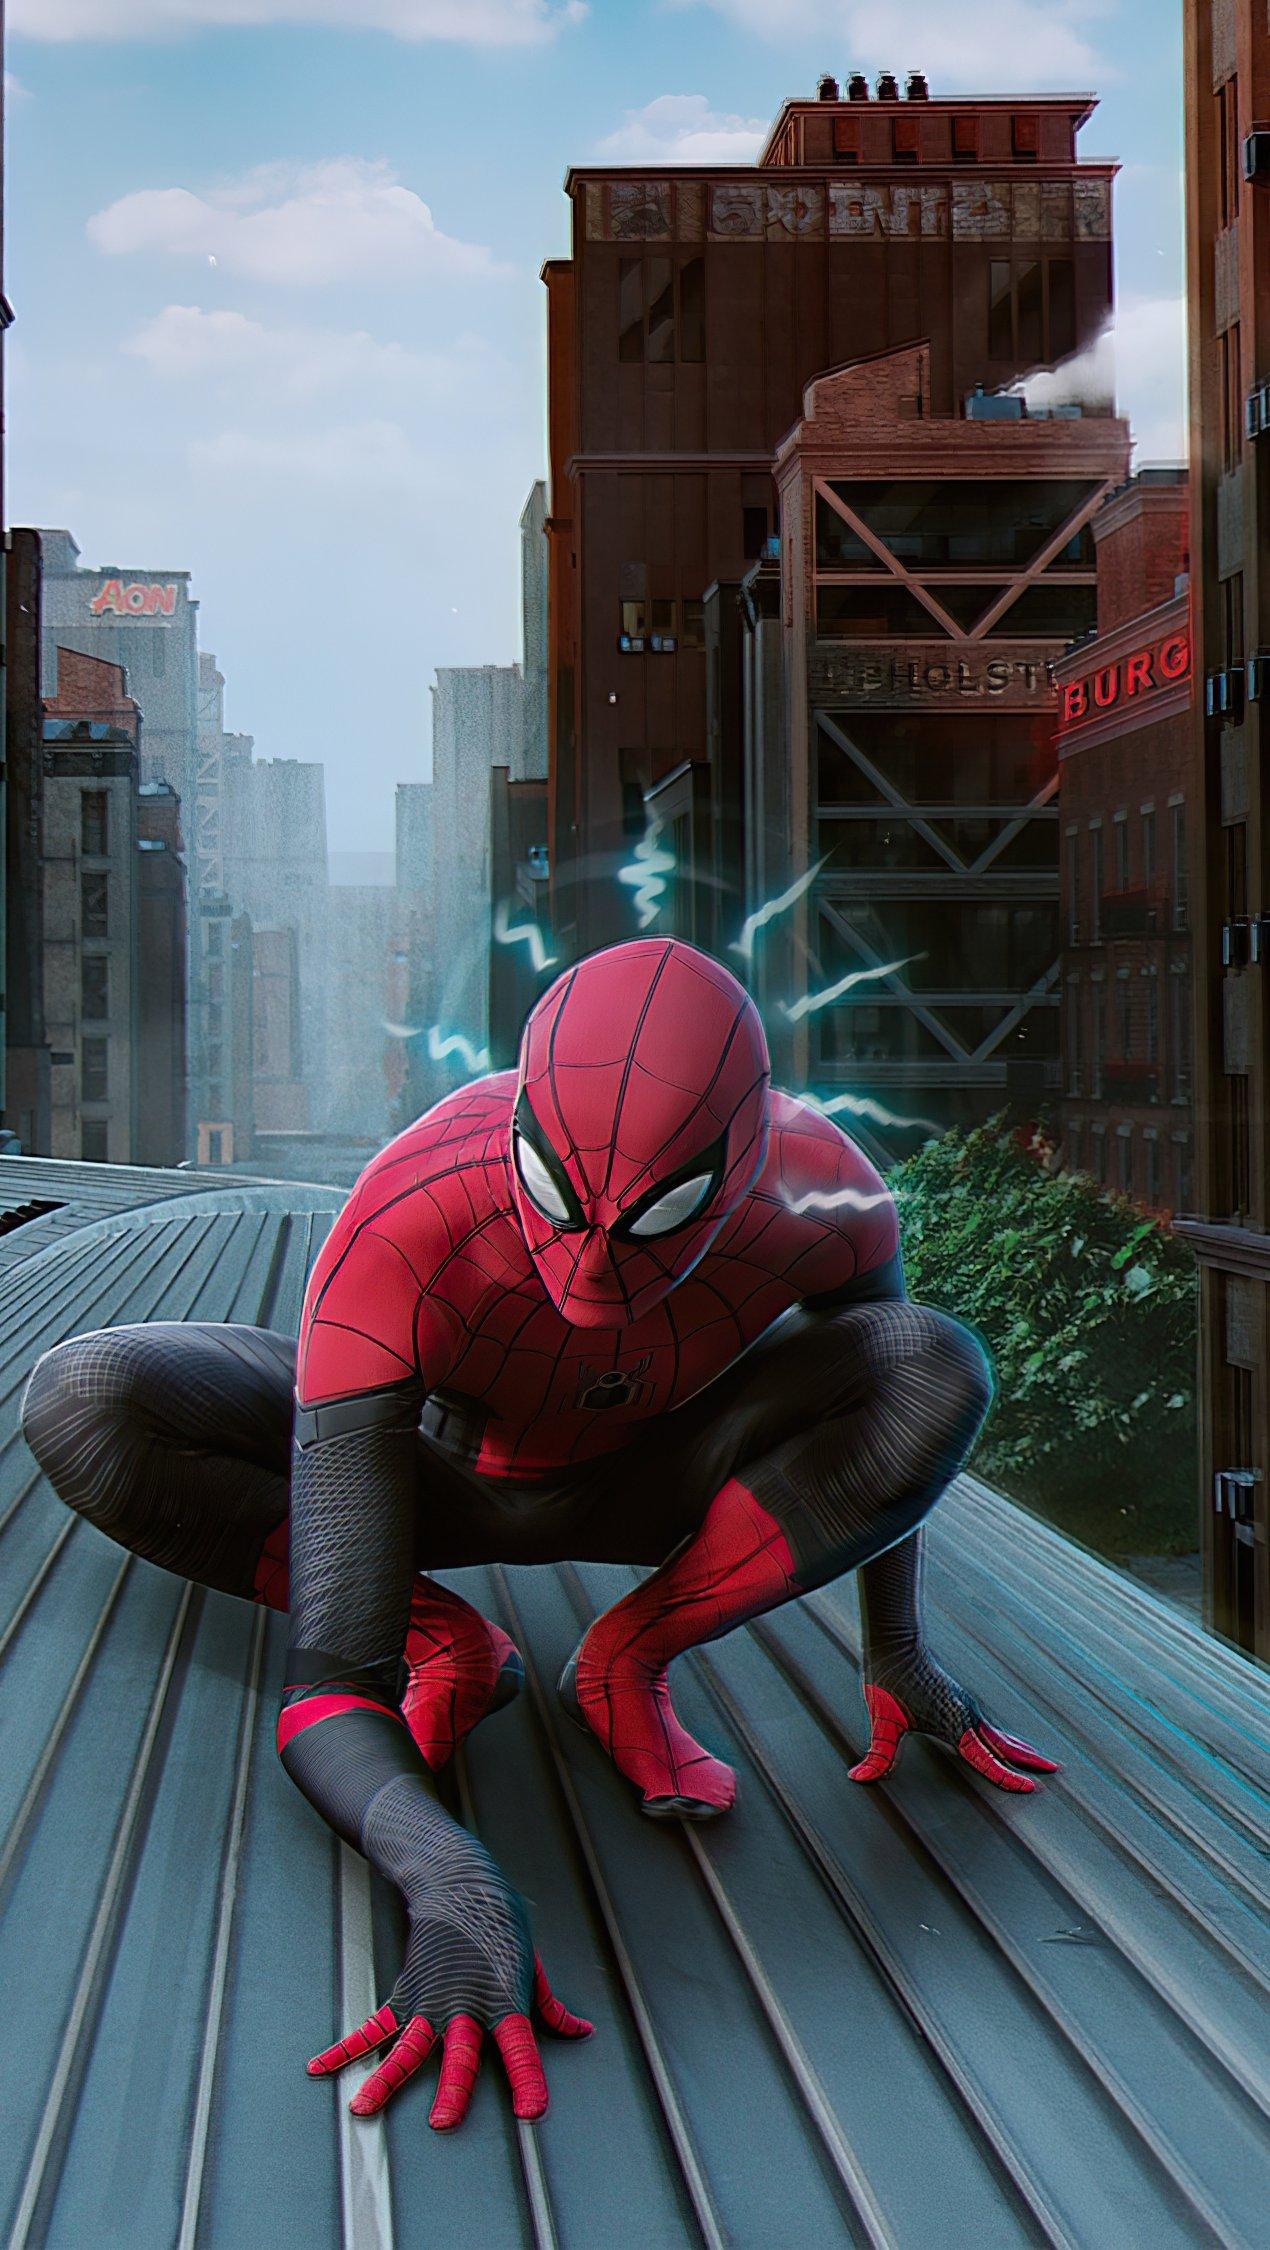 Wallpaper Spider Man on train Vertical